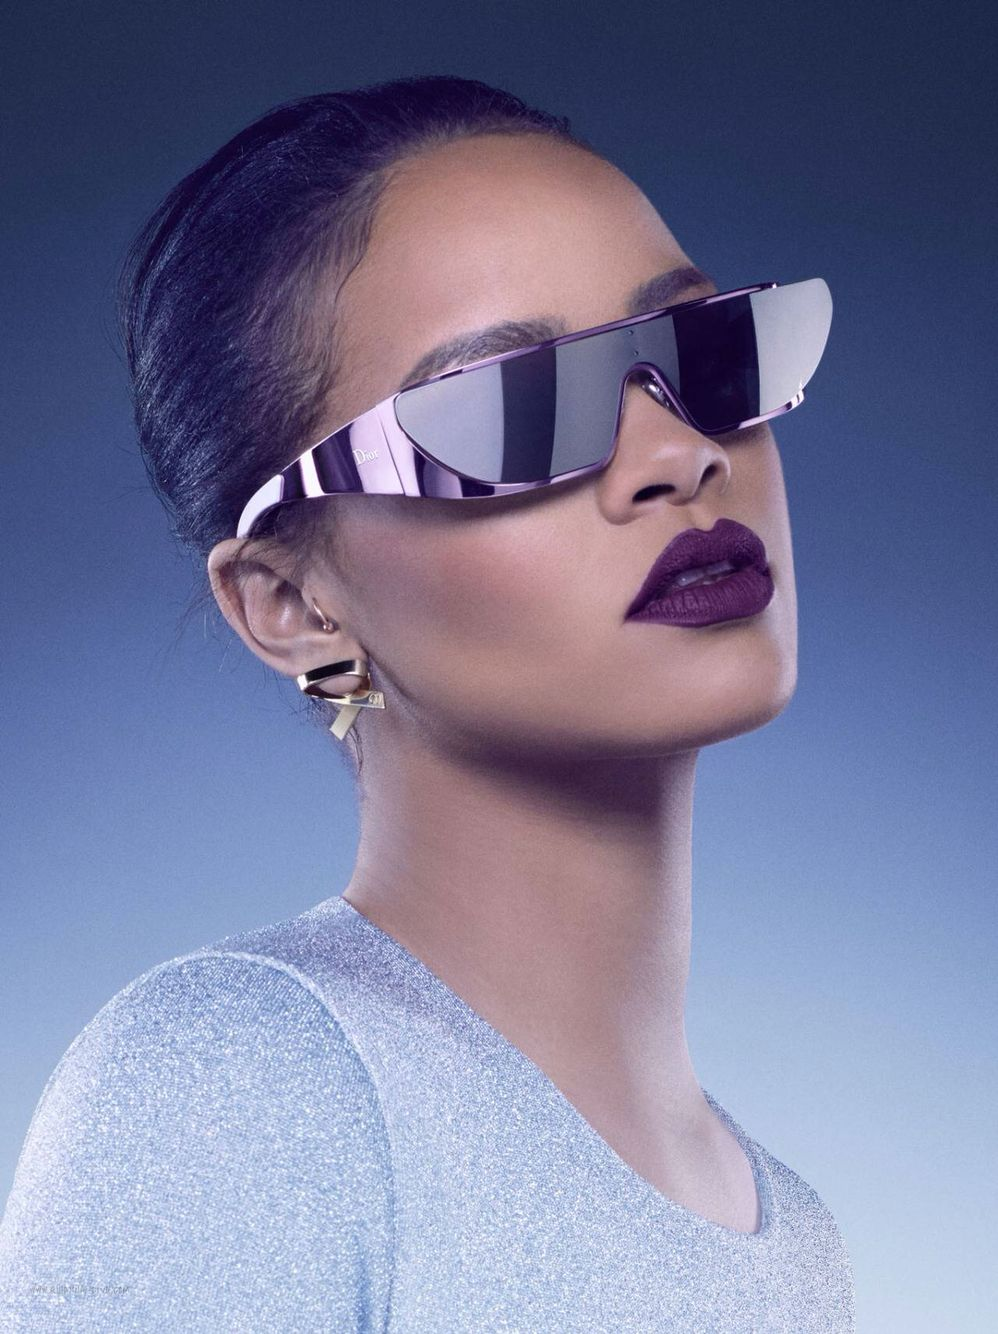 a72e2493890d3 Rihanna Fenty X Dior sunglasses style fashion promo photoshoot ...